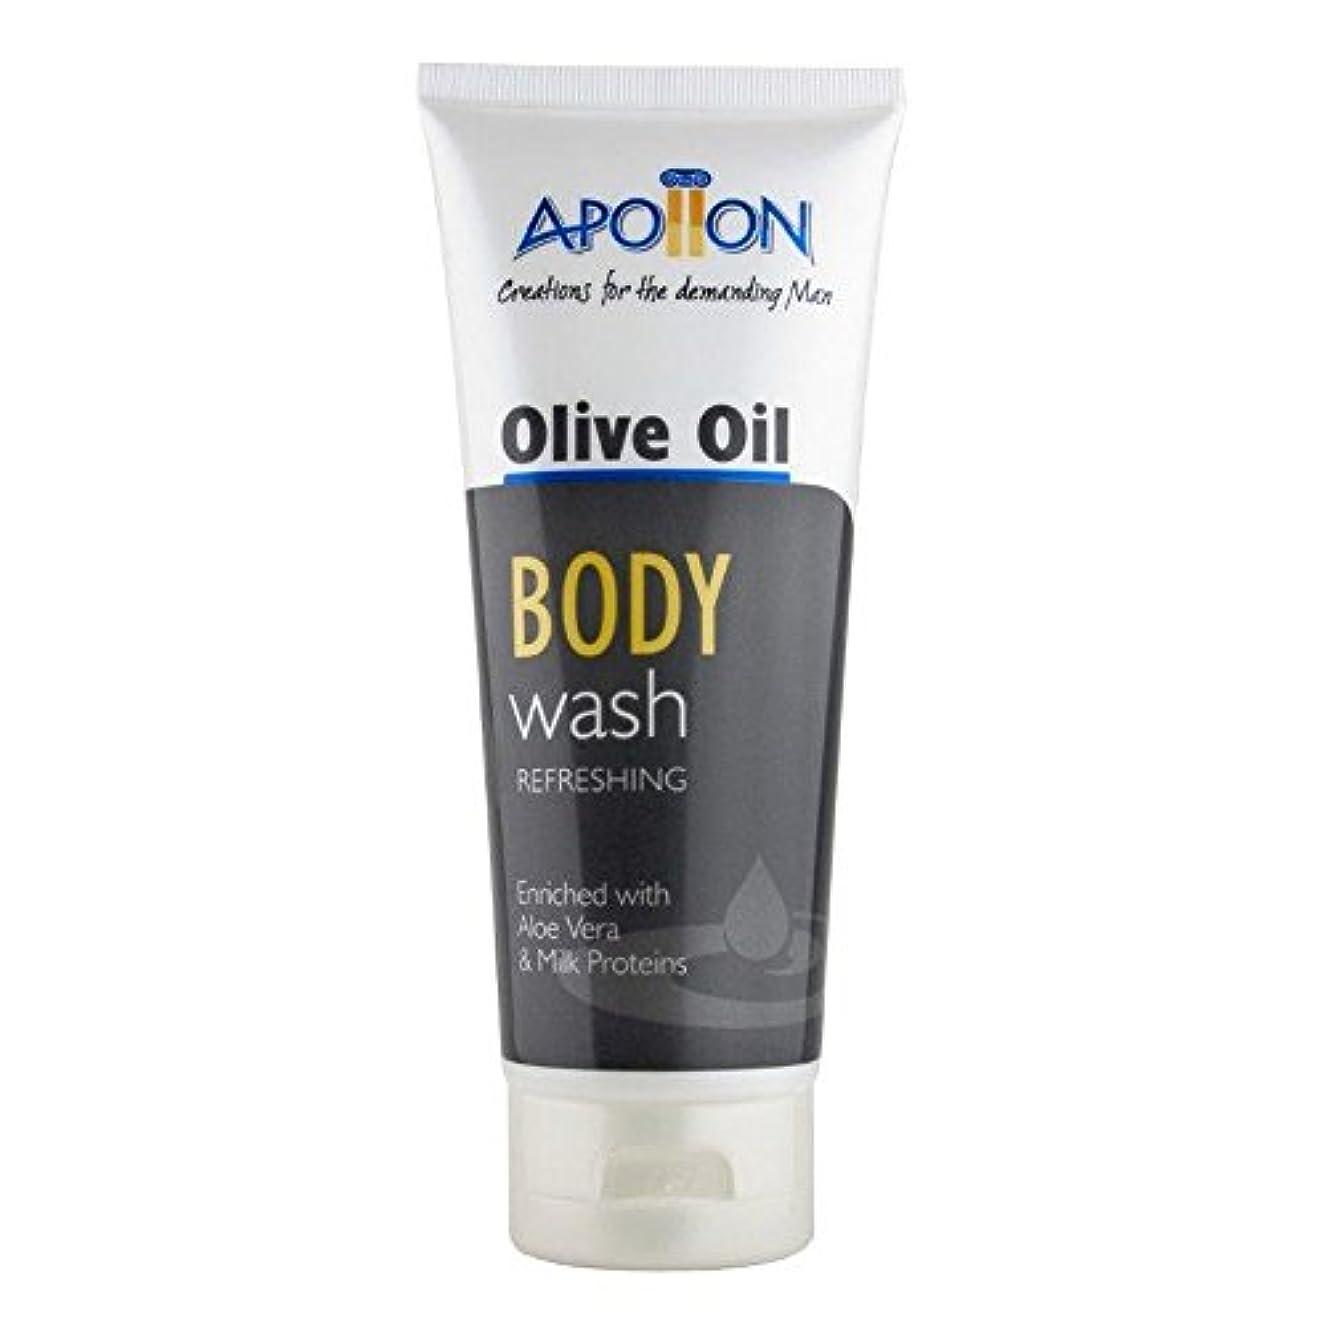 ポール作動するシプリーAphrodite Apollon Olive Oil Body Wash for Men 200ml [Misc.] / ???200????????????????????????????????????[ Misc. ]